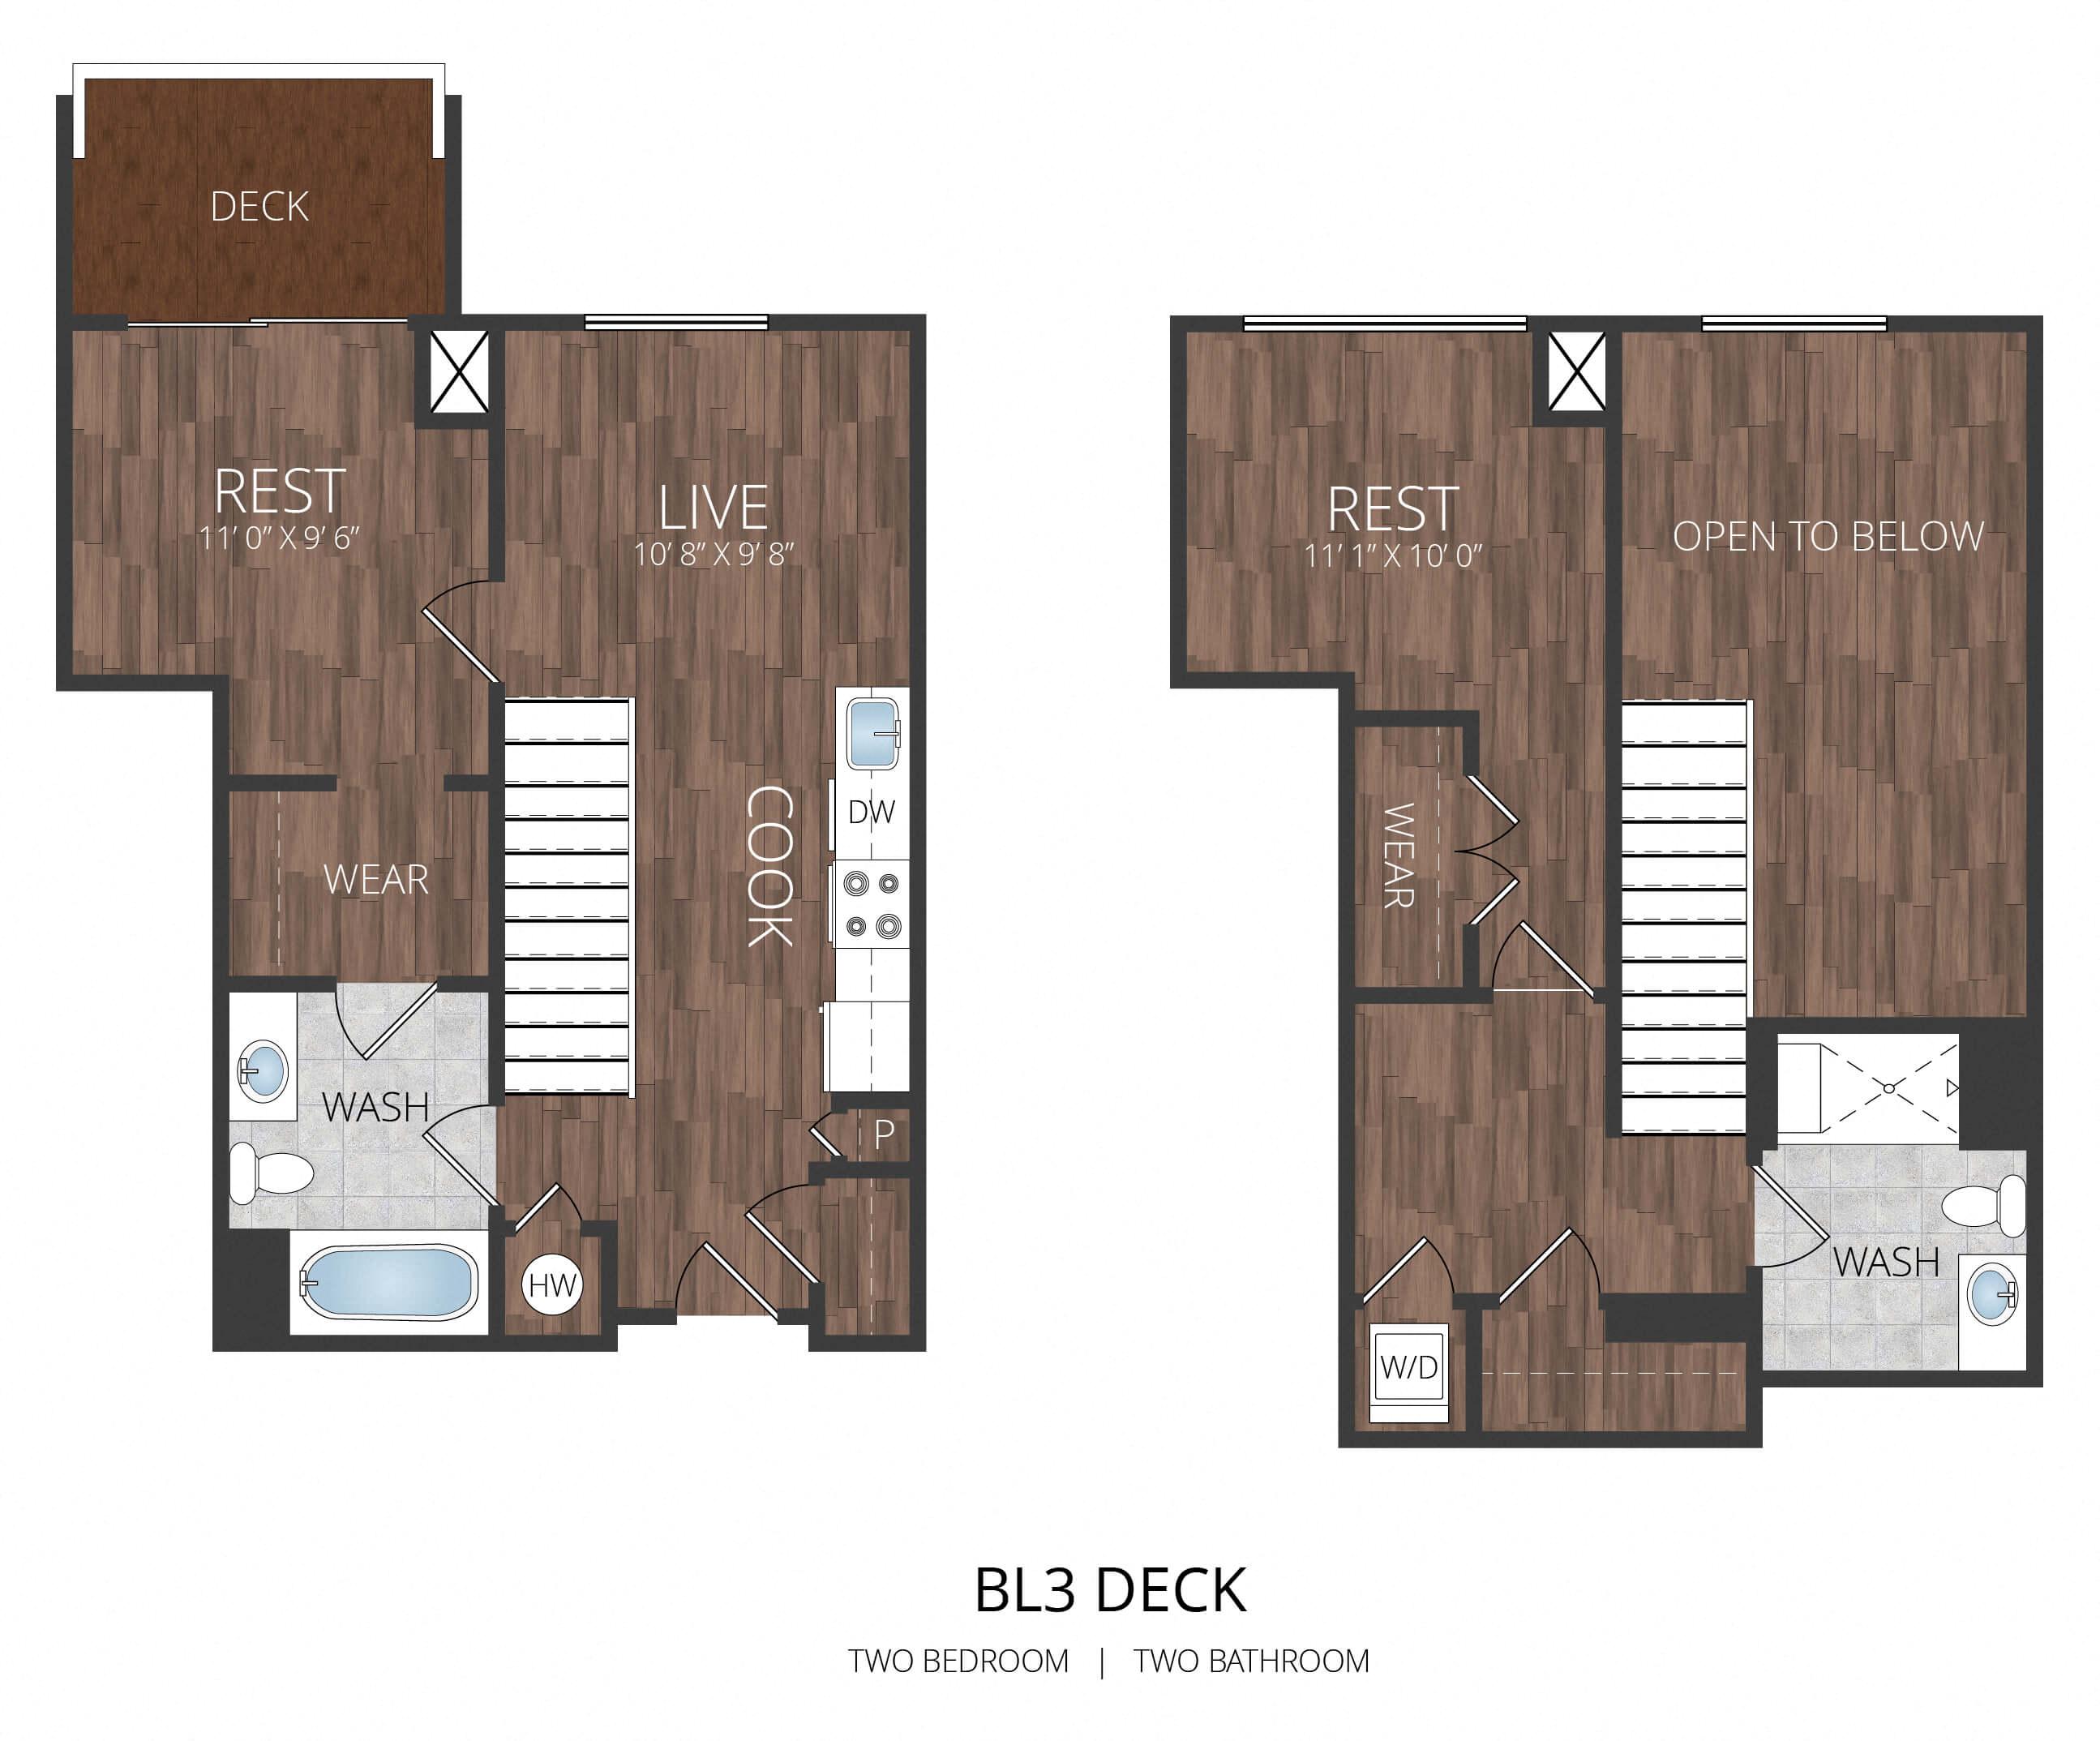 Penthouse BL3 Deck